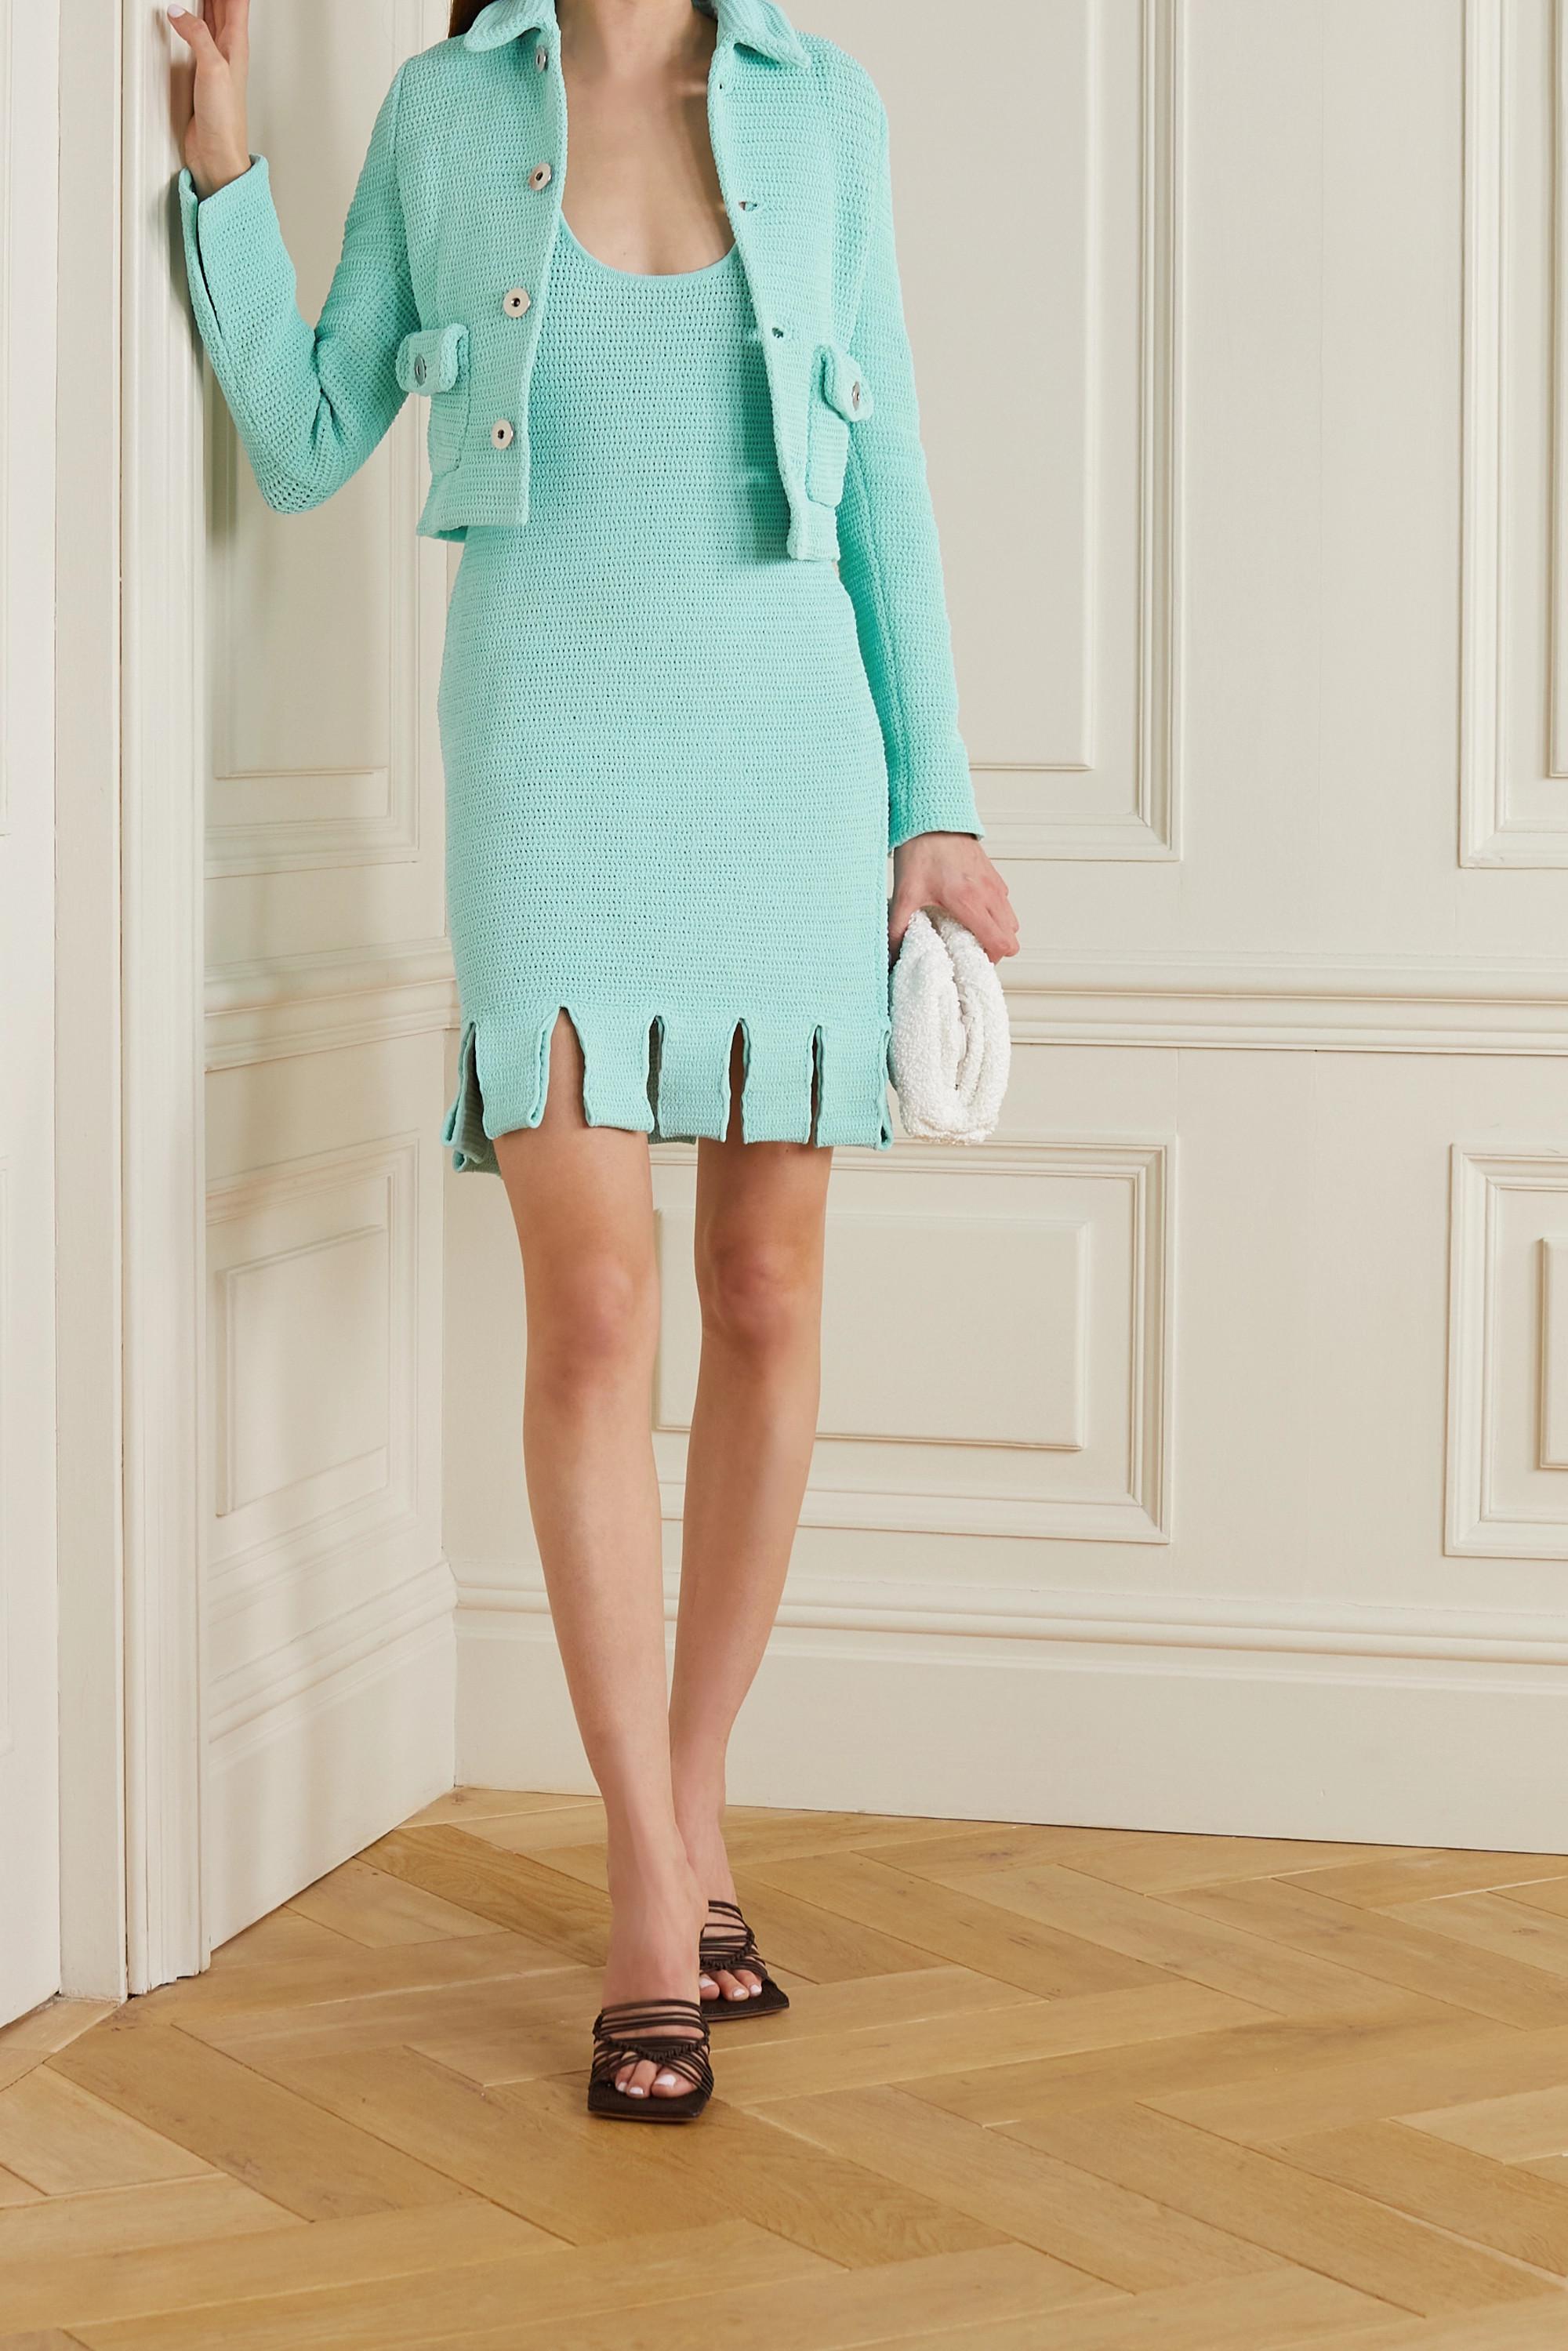 Bottega Veneta Minikleid aus Lochstrick aus einer Baumwollmischung